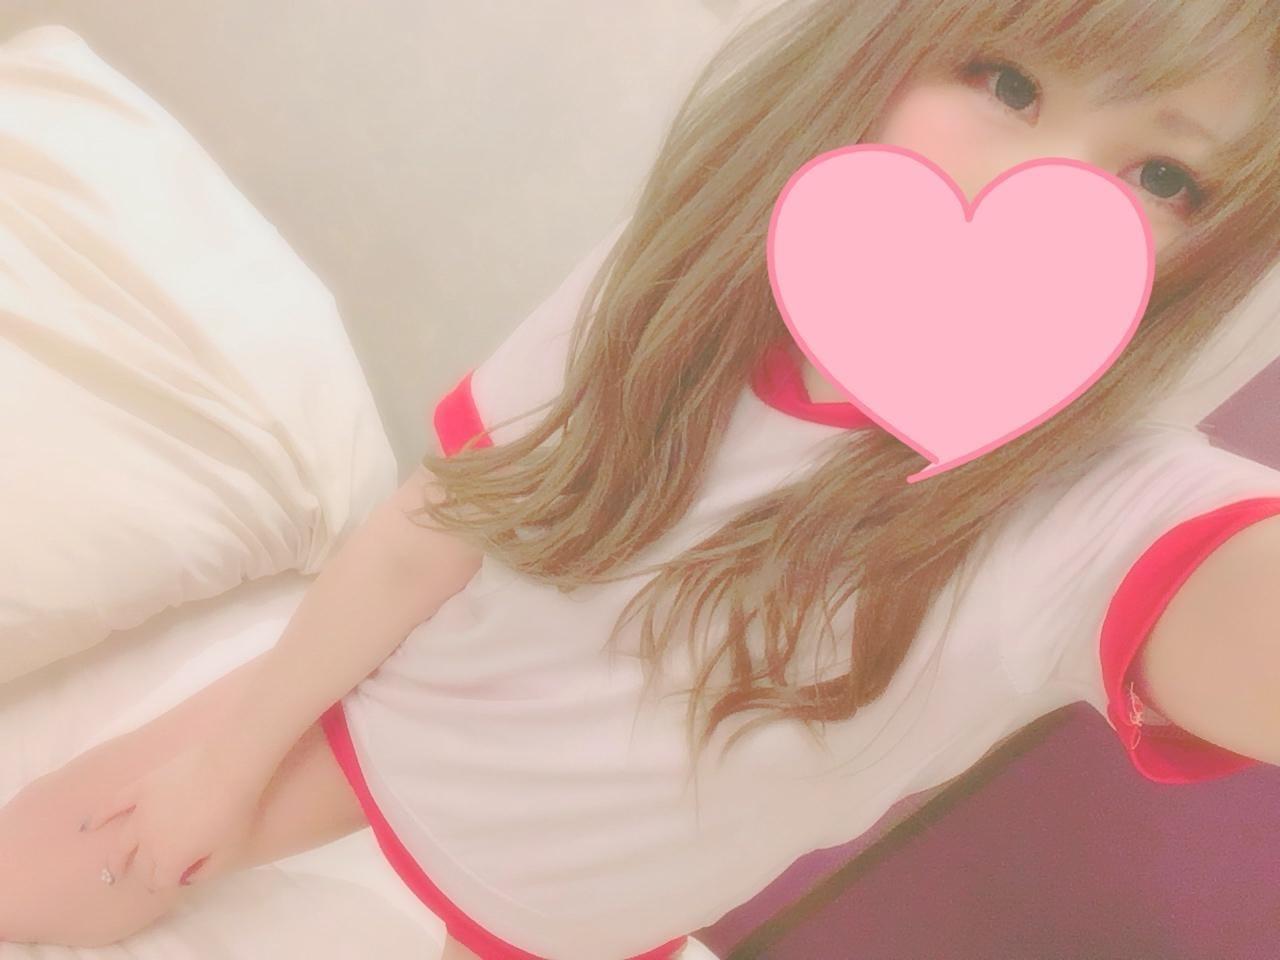 「うらら➜ おはようらら」05/26(05/26) 09:22 | ☆うらら☆(A)の写メ・風俗動画